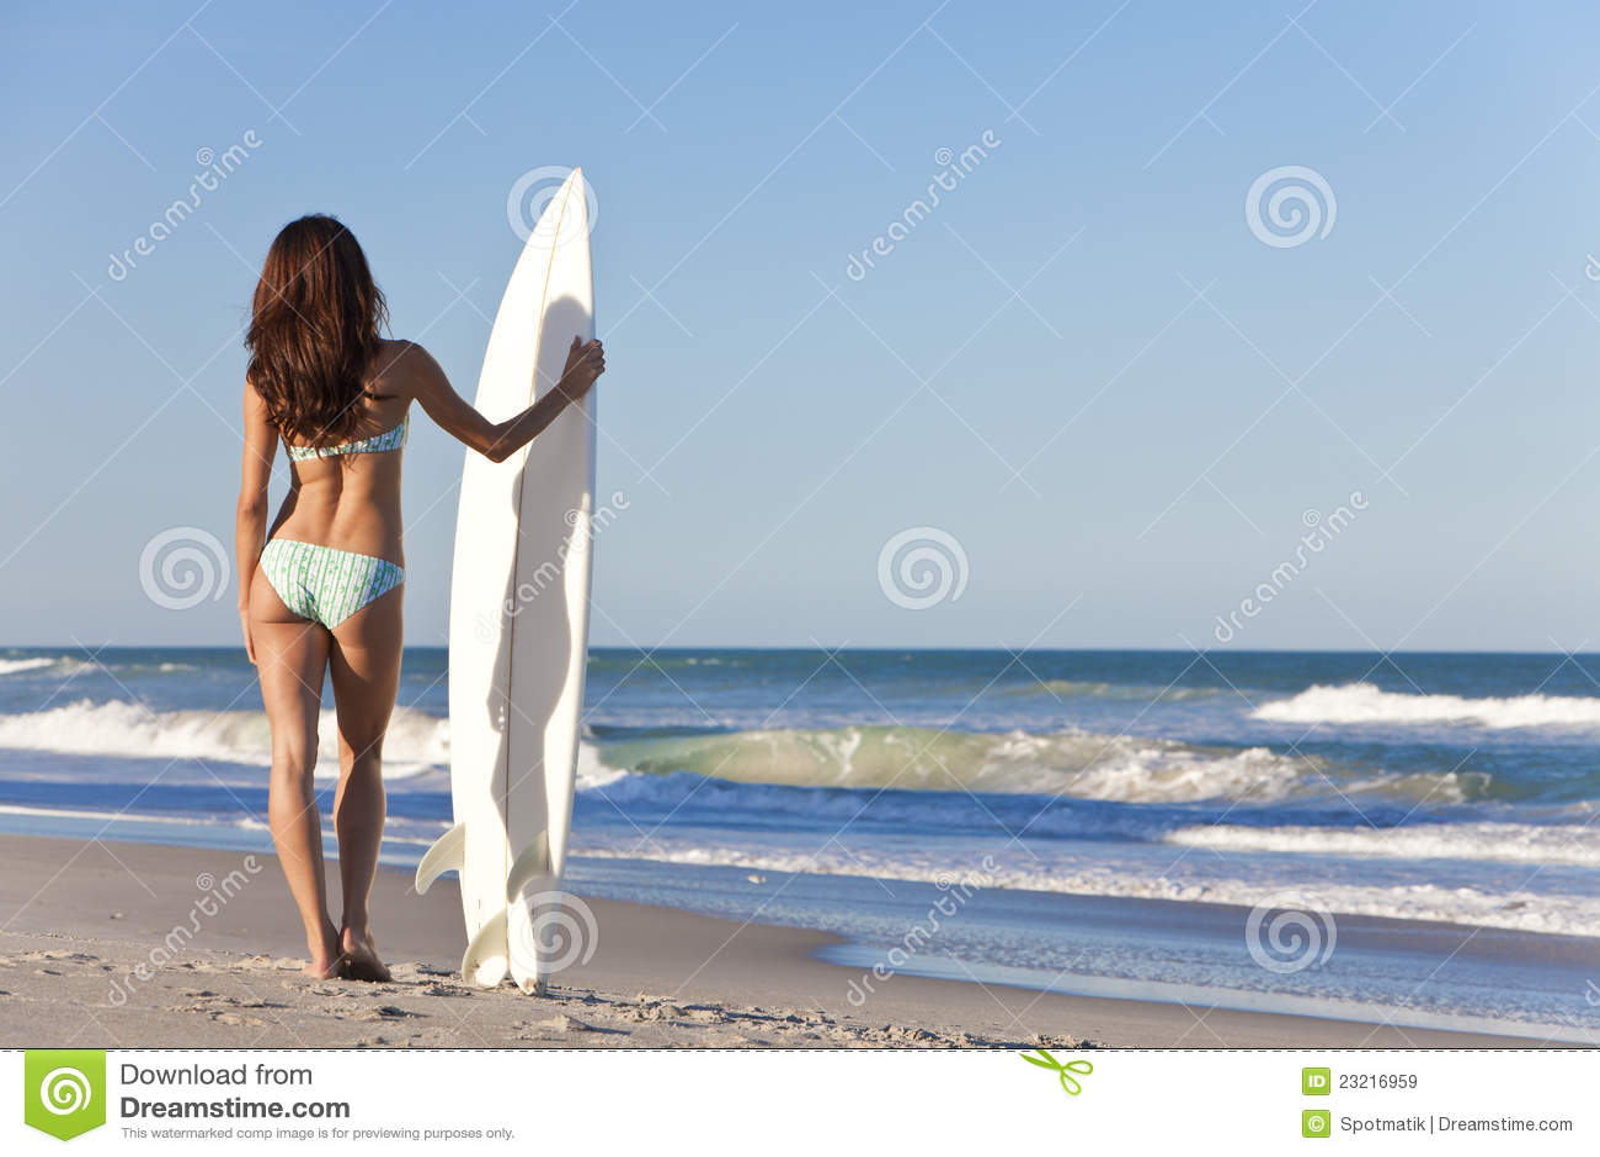 Beau surfer de femme en plage de planche de surfing de bikini image stock image 23216959 - Sortie de plage femme ...